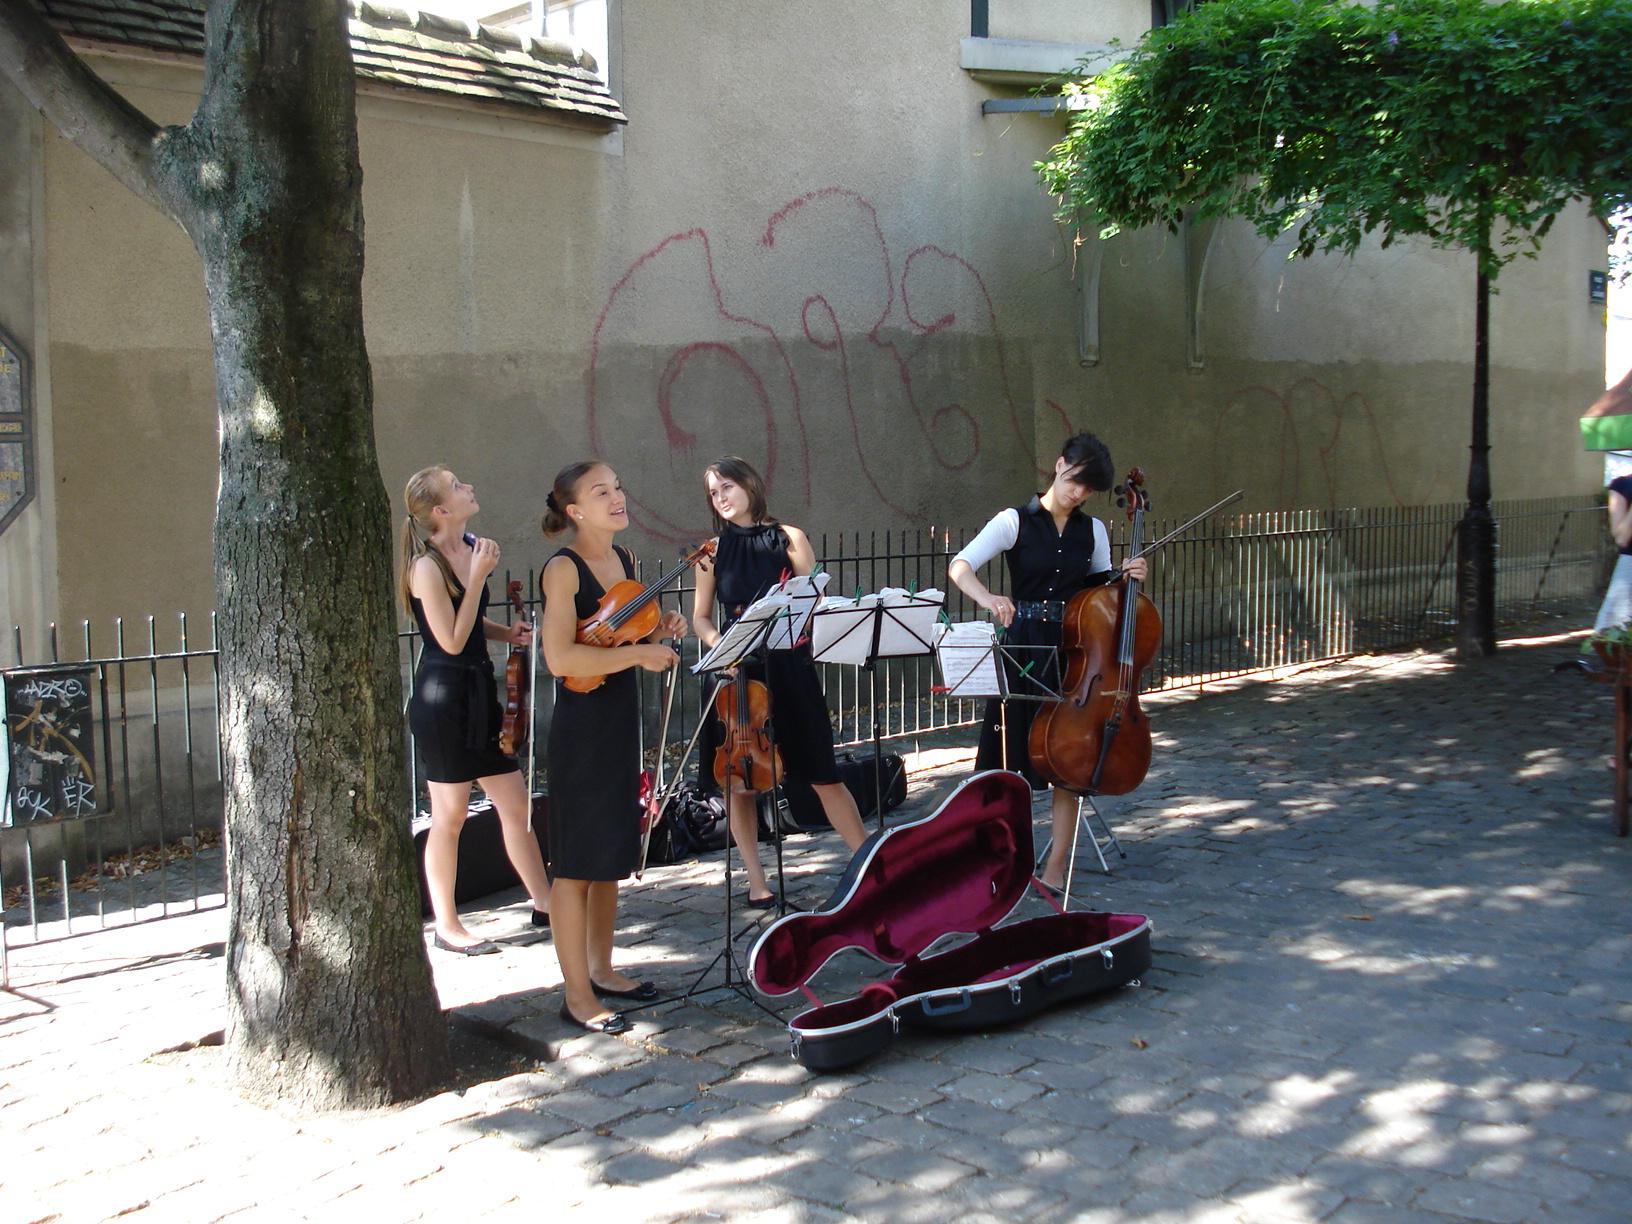 13 Creatii muzicale live la iesirea din statia de metrou Abbesses din Paris